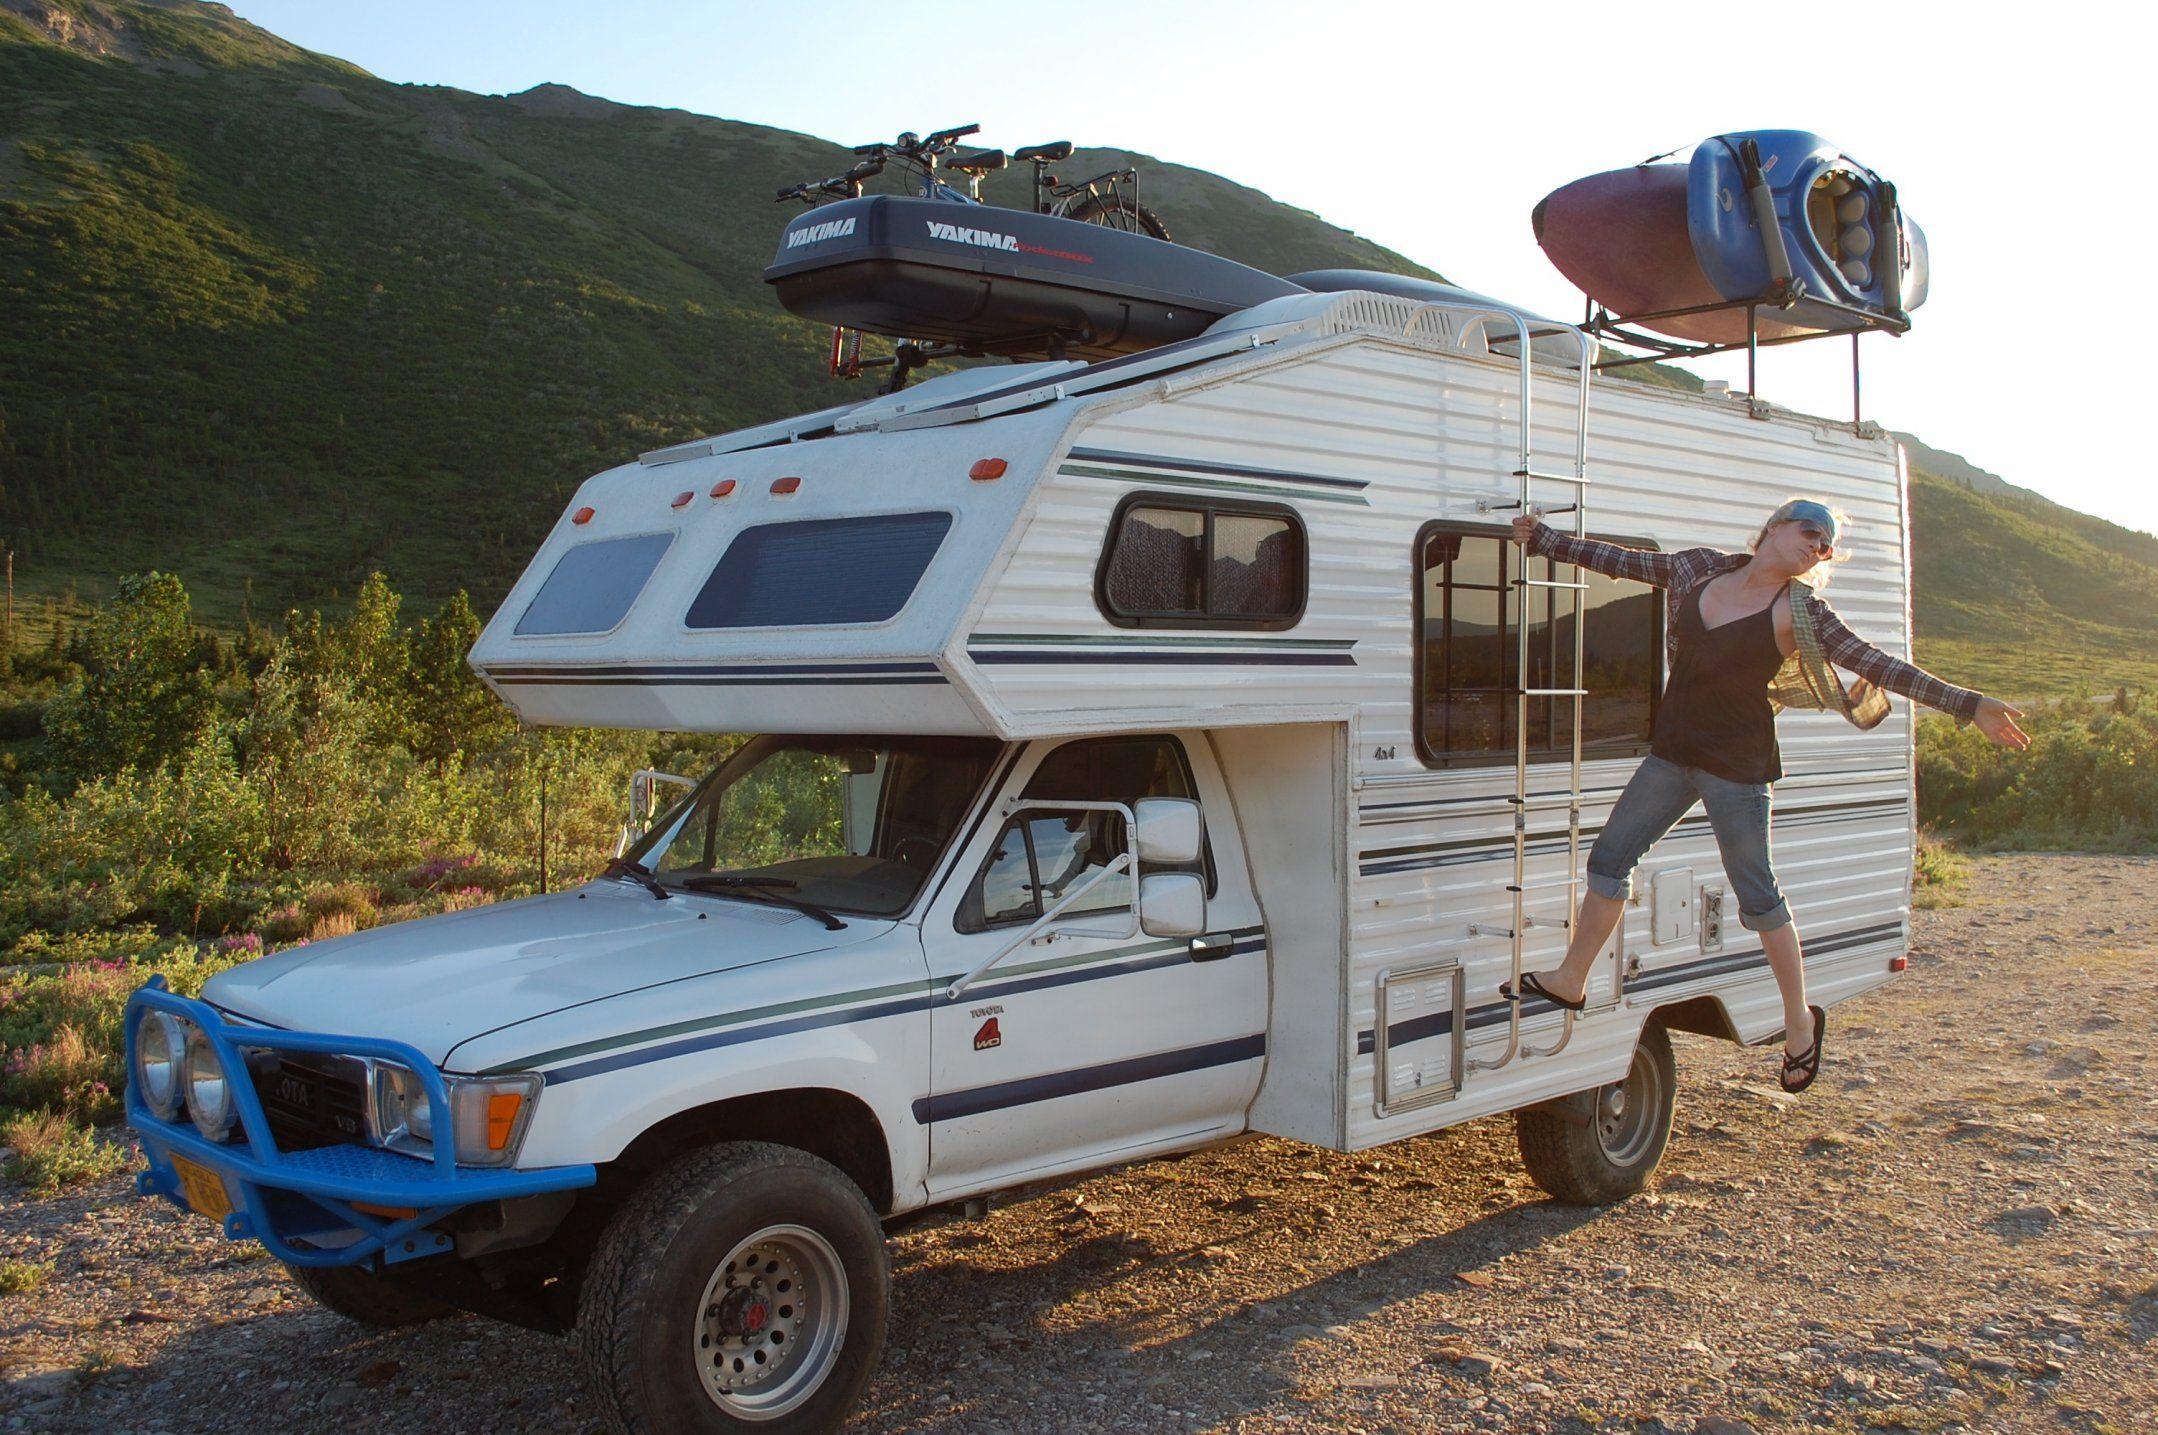 Toyota Odyssey Rv 4x4 Truck Campers Camper Motorhome Truck Camper